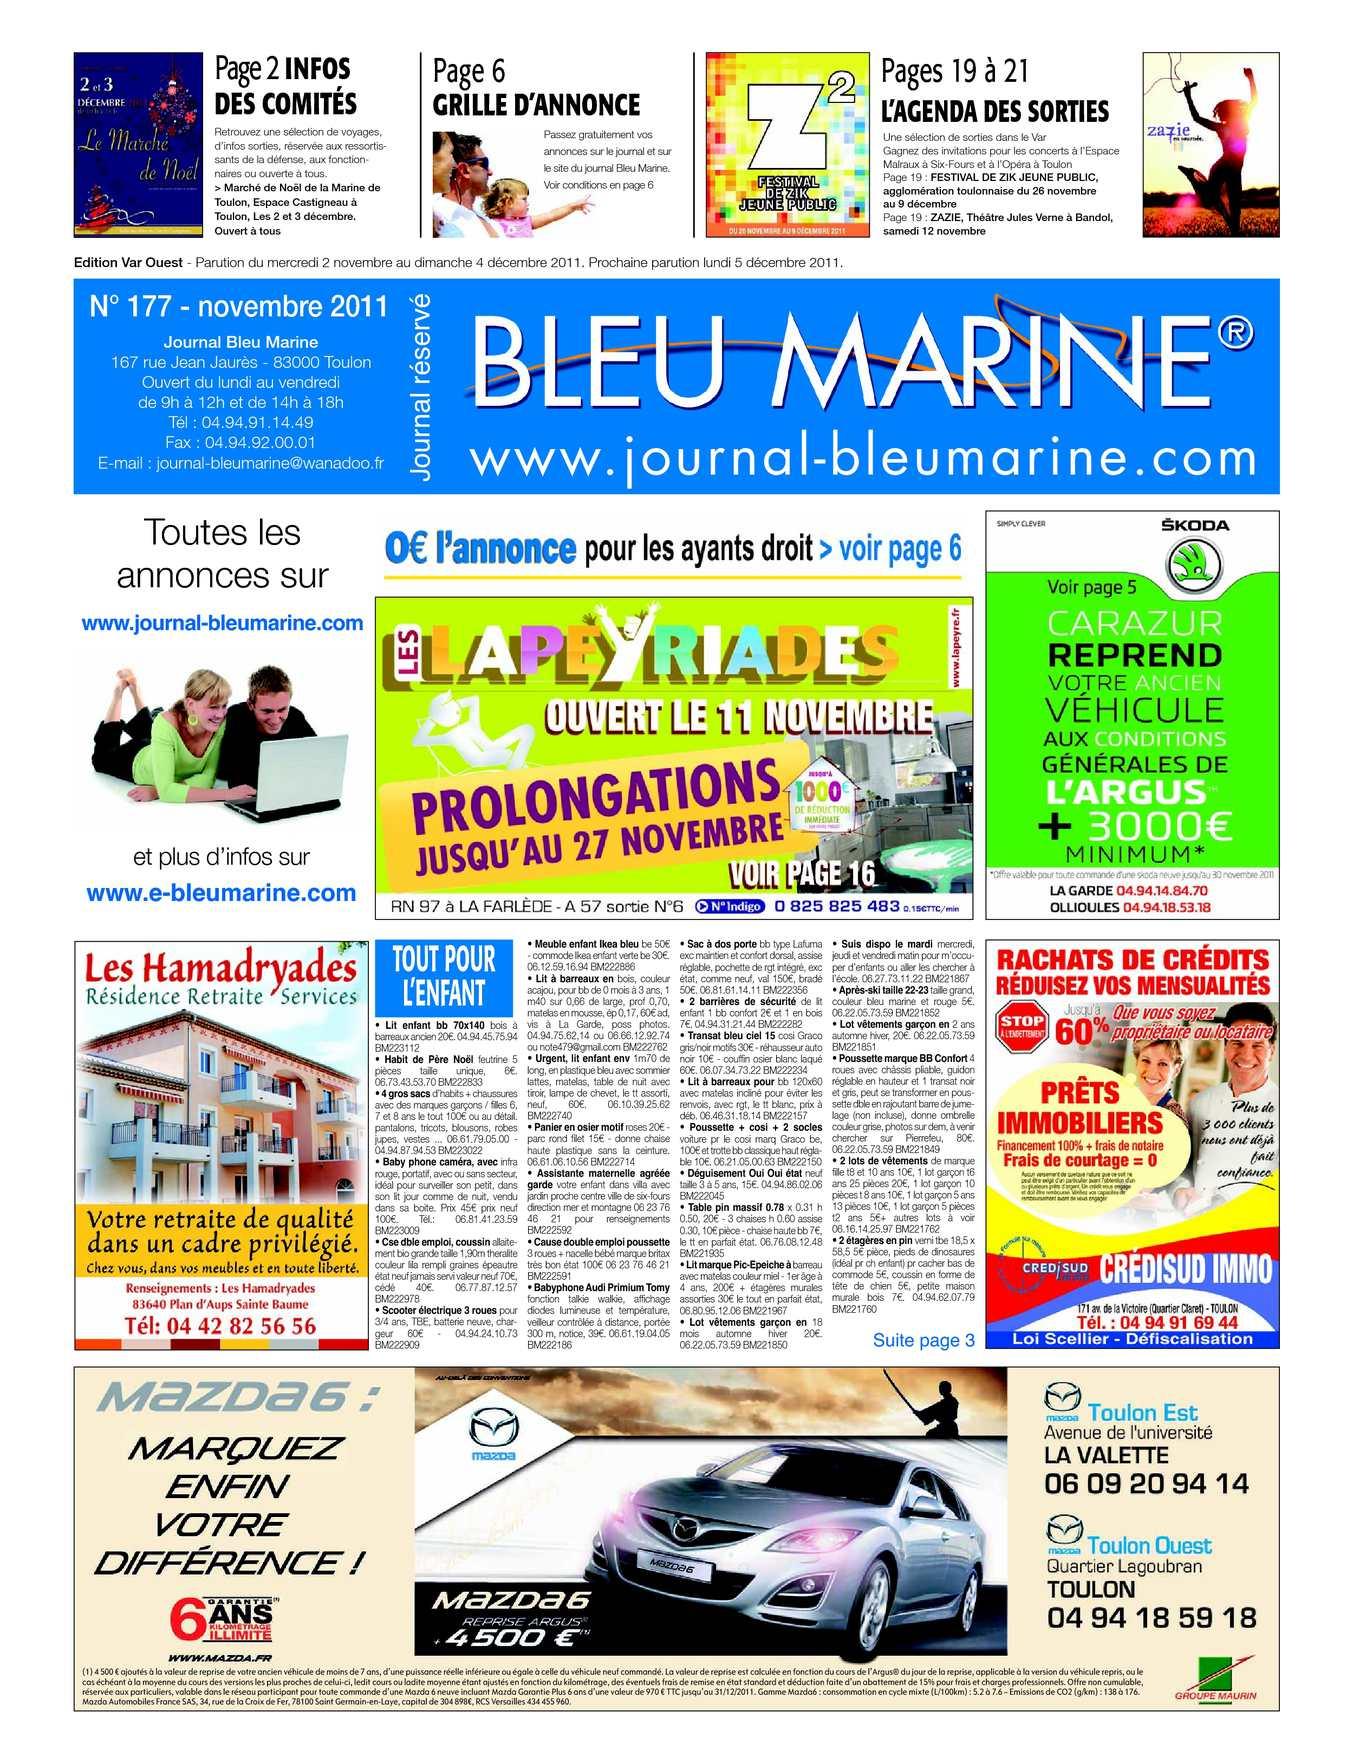 Calaméo Journal 2011 Bleu Marine 177 Novembre Jcl3uTKF1